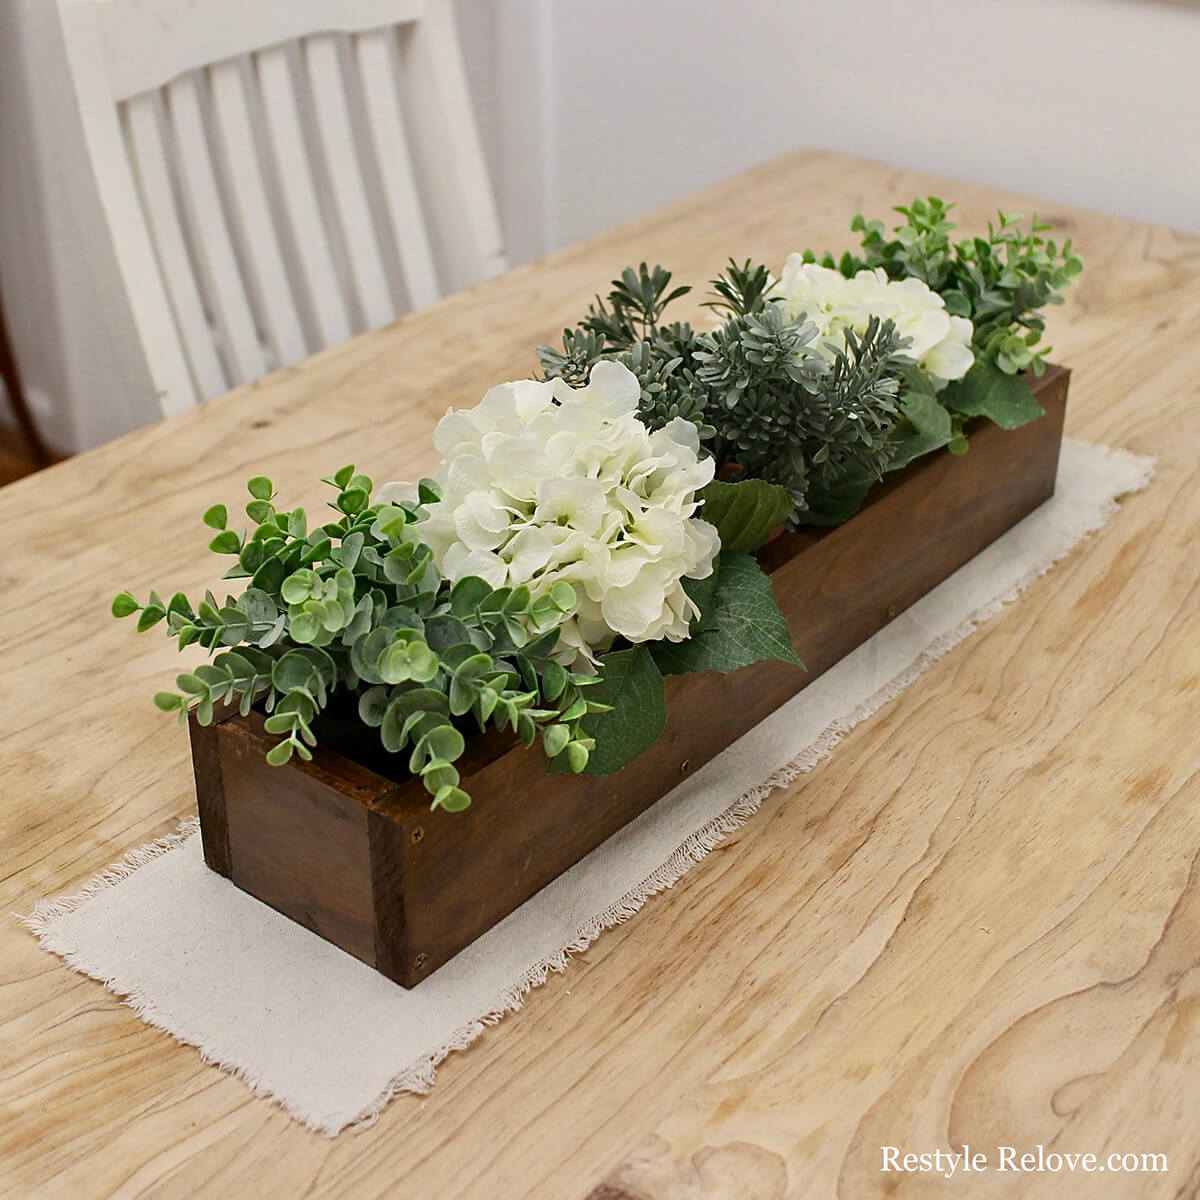 DIY Tiered Flowerbox Centerpiece